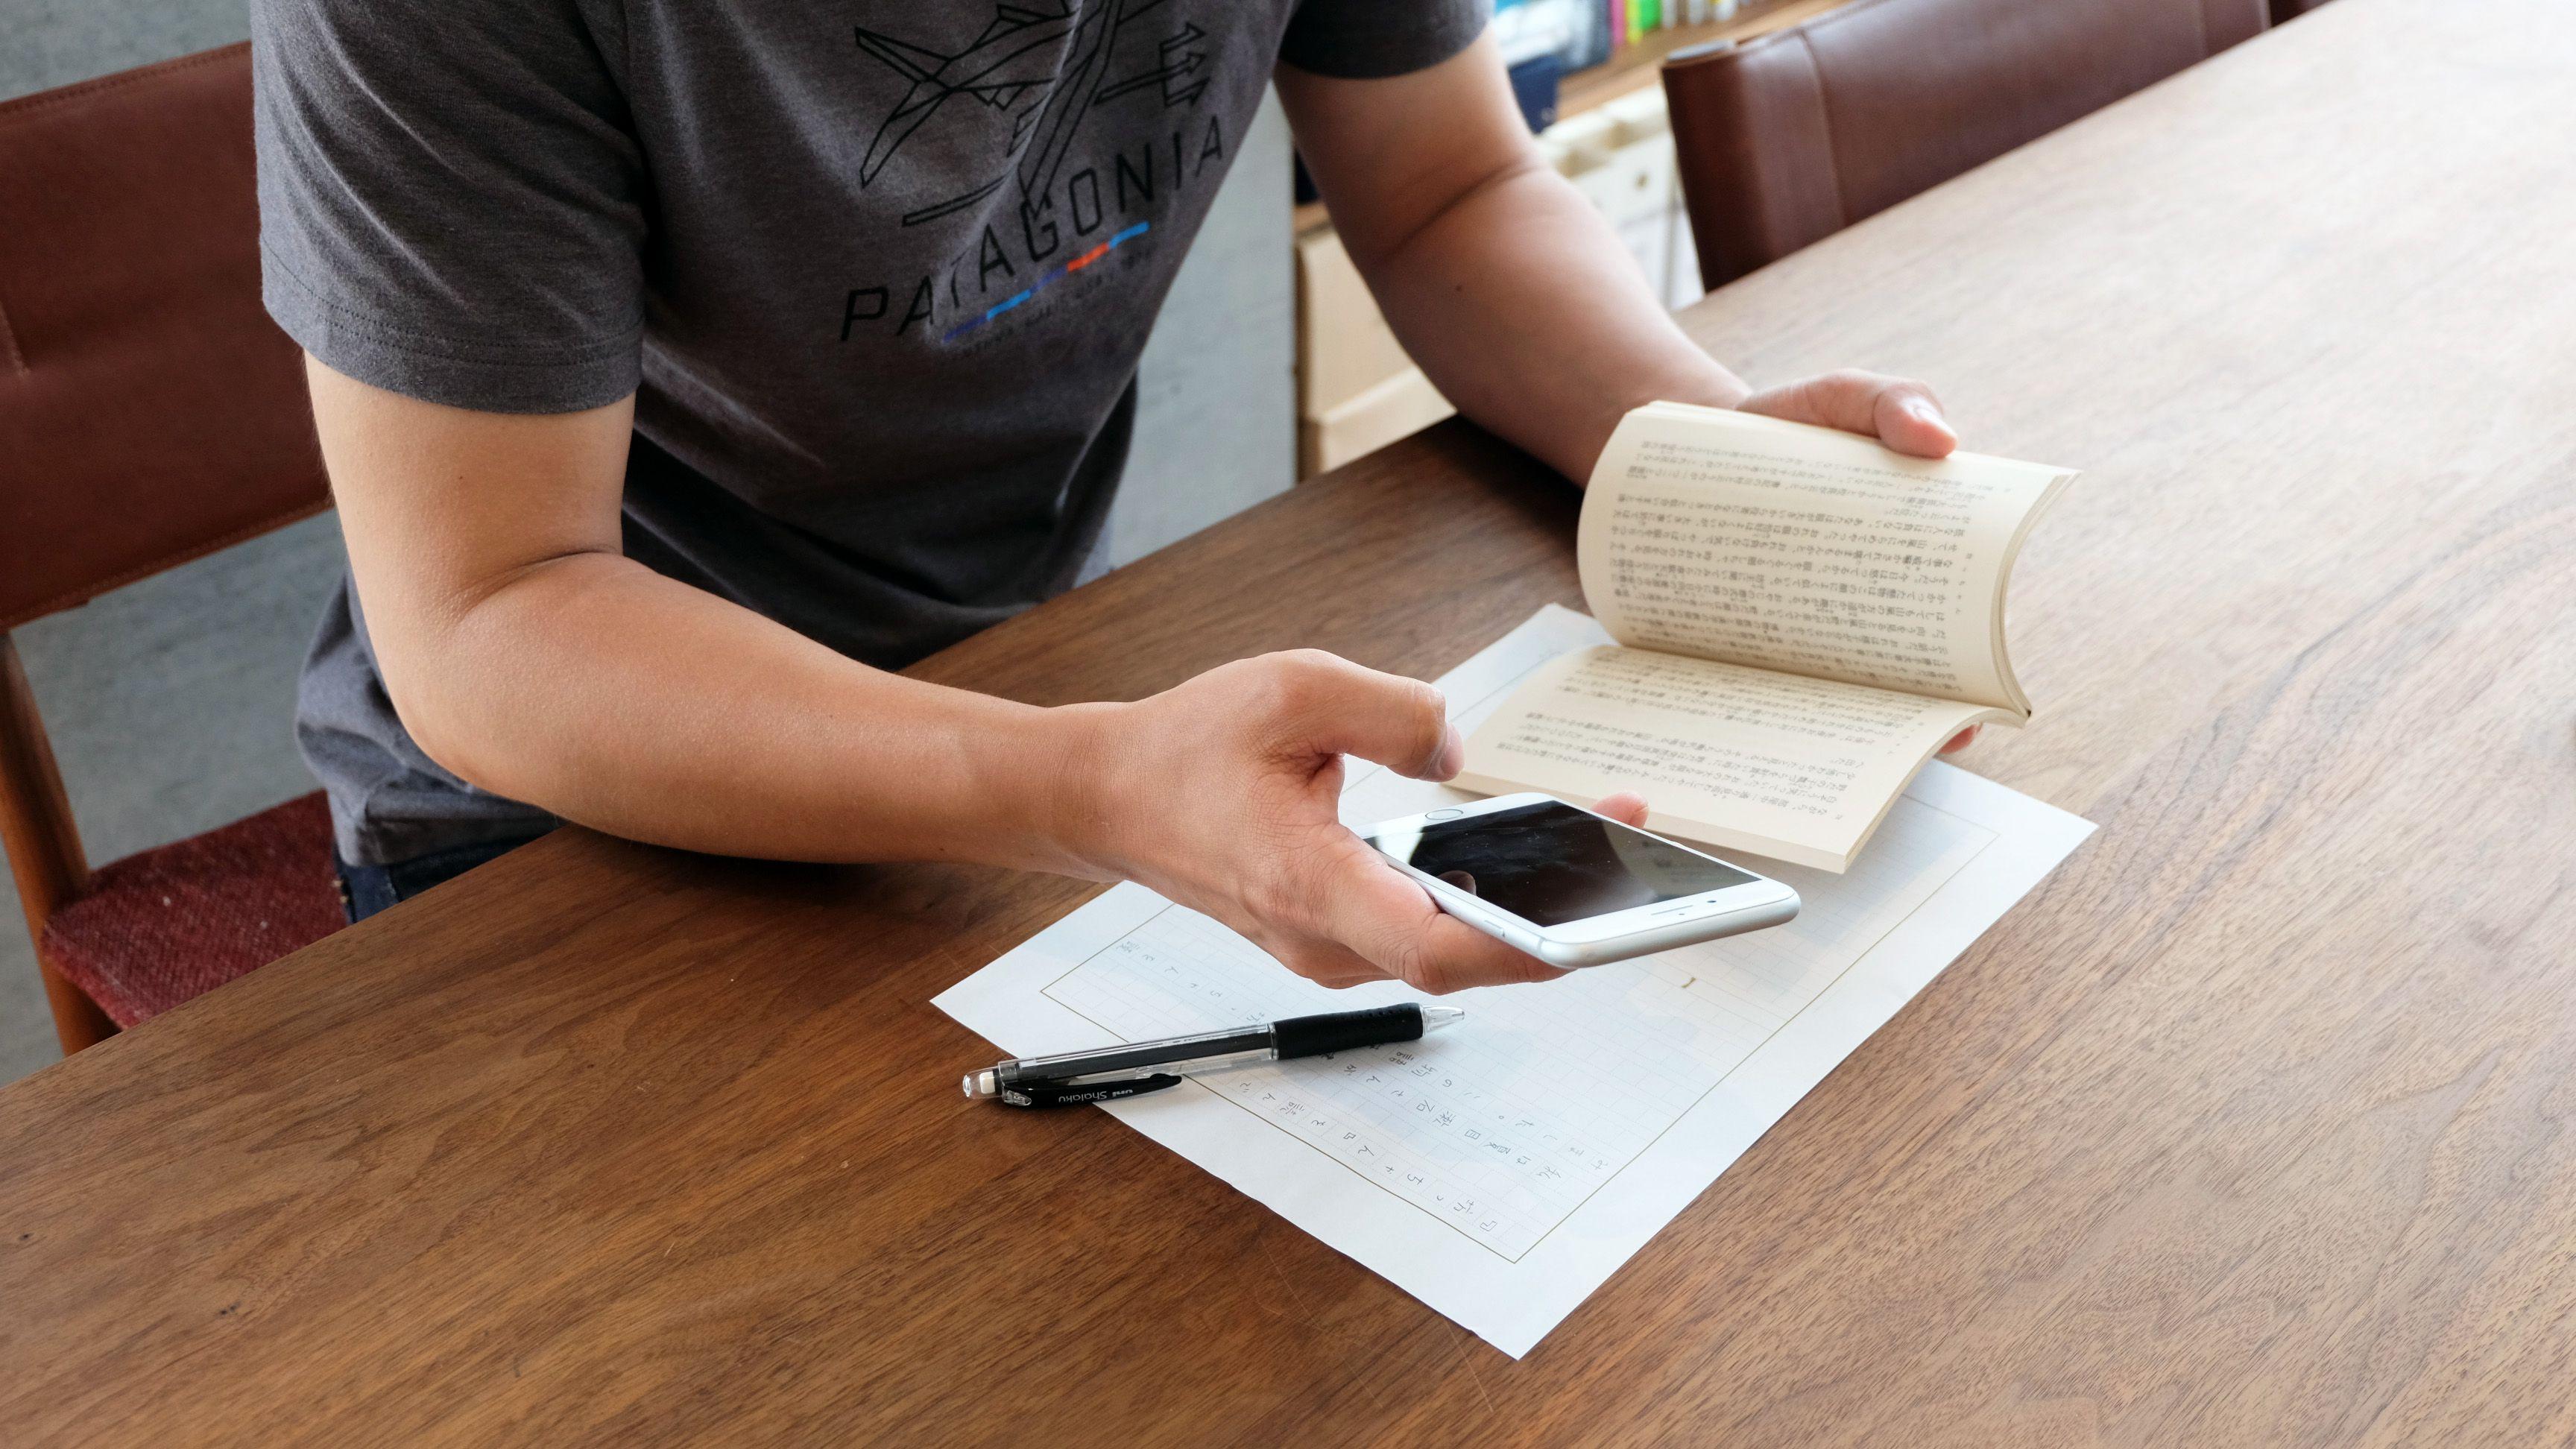 アプリを使って読書感想文を書いている様子